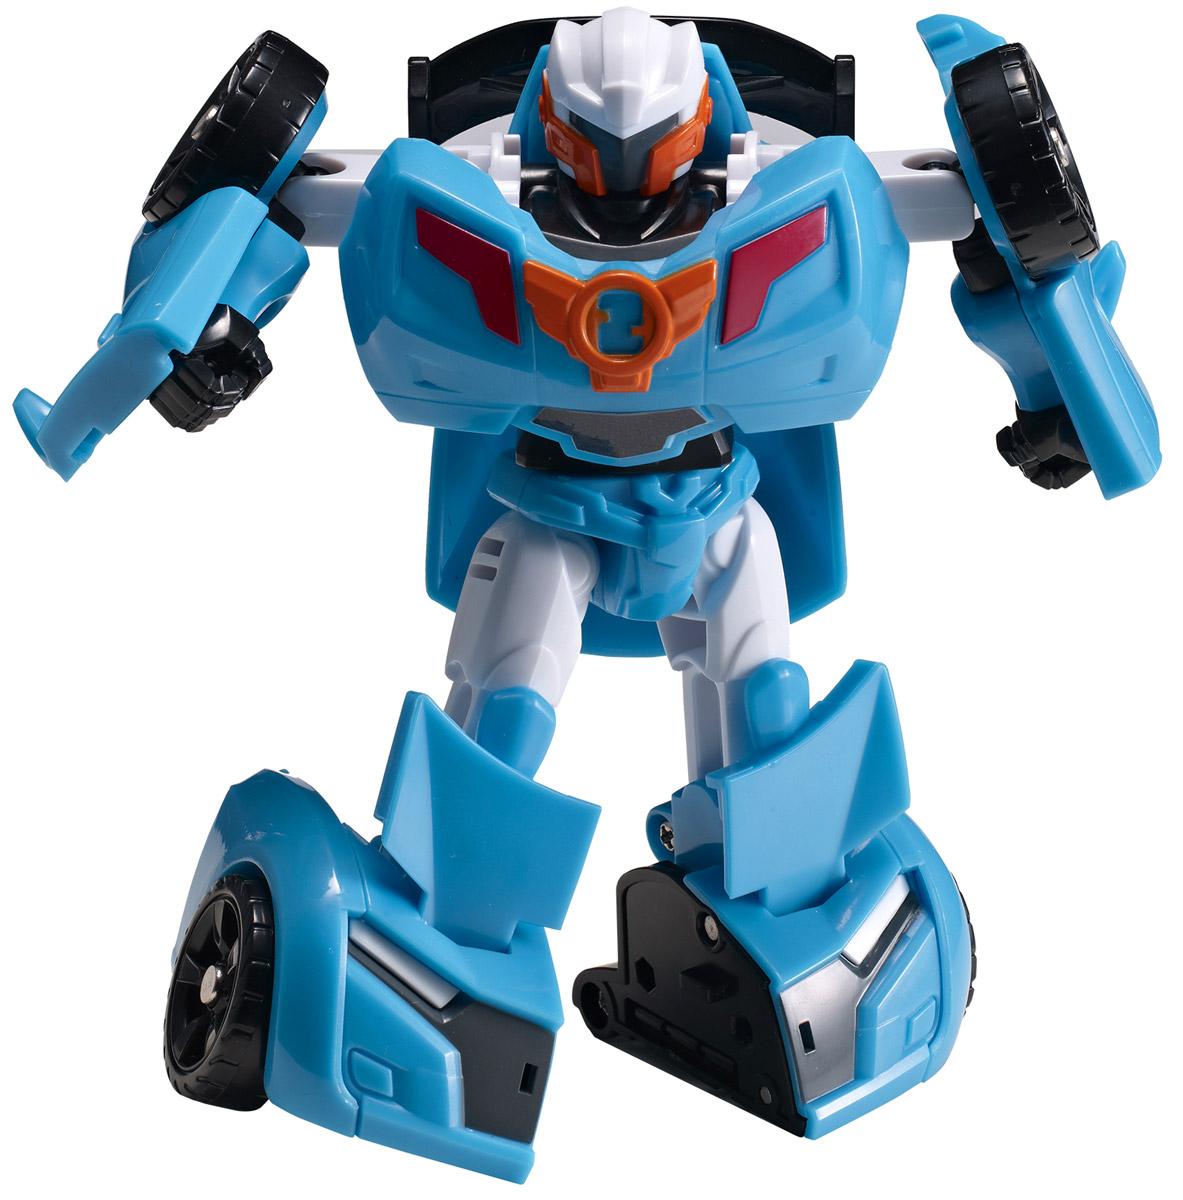 Tobot Трансформер Mini Y301021Трансформер Tobot Mini Y из мультсериала Тоботы запомнился детям своим озорным нравом и легким характером. Игрушка в точности повторяет героя, поэтому поможет преданным поклонникам разыграть увлекательные приключения не только в образе робота, но и быстрой машинки с рельефными колесами. Трансформер легко превращается в реалистичную машинку. Машинка может ездить по поверхности благодаря широким колесам с рельефными протекторами. Игрушка имеет оптимальные размеры, поэтому ребенку будет удобно держать ее в руке и катать по полу.